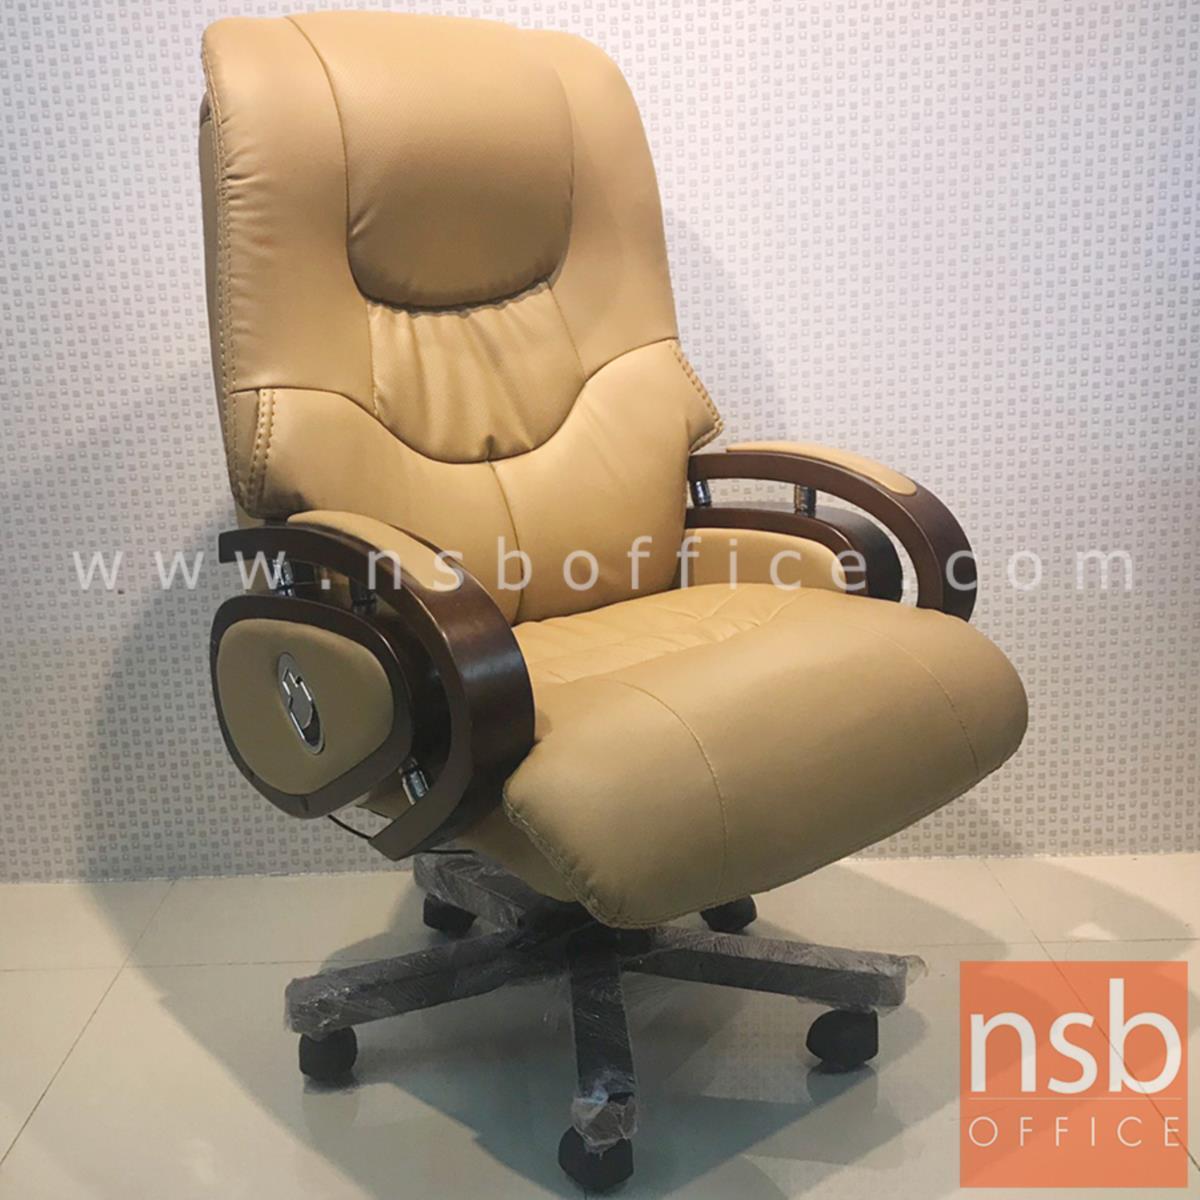 เก้าอี้ผู้บริหารหนัง PU  รุ่น Staton (สตาตัน)  โช๊คแก๊ส ขาไม้